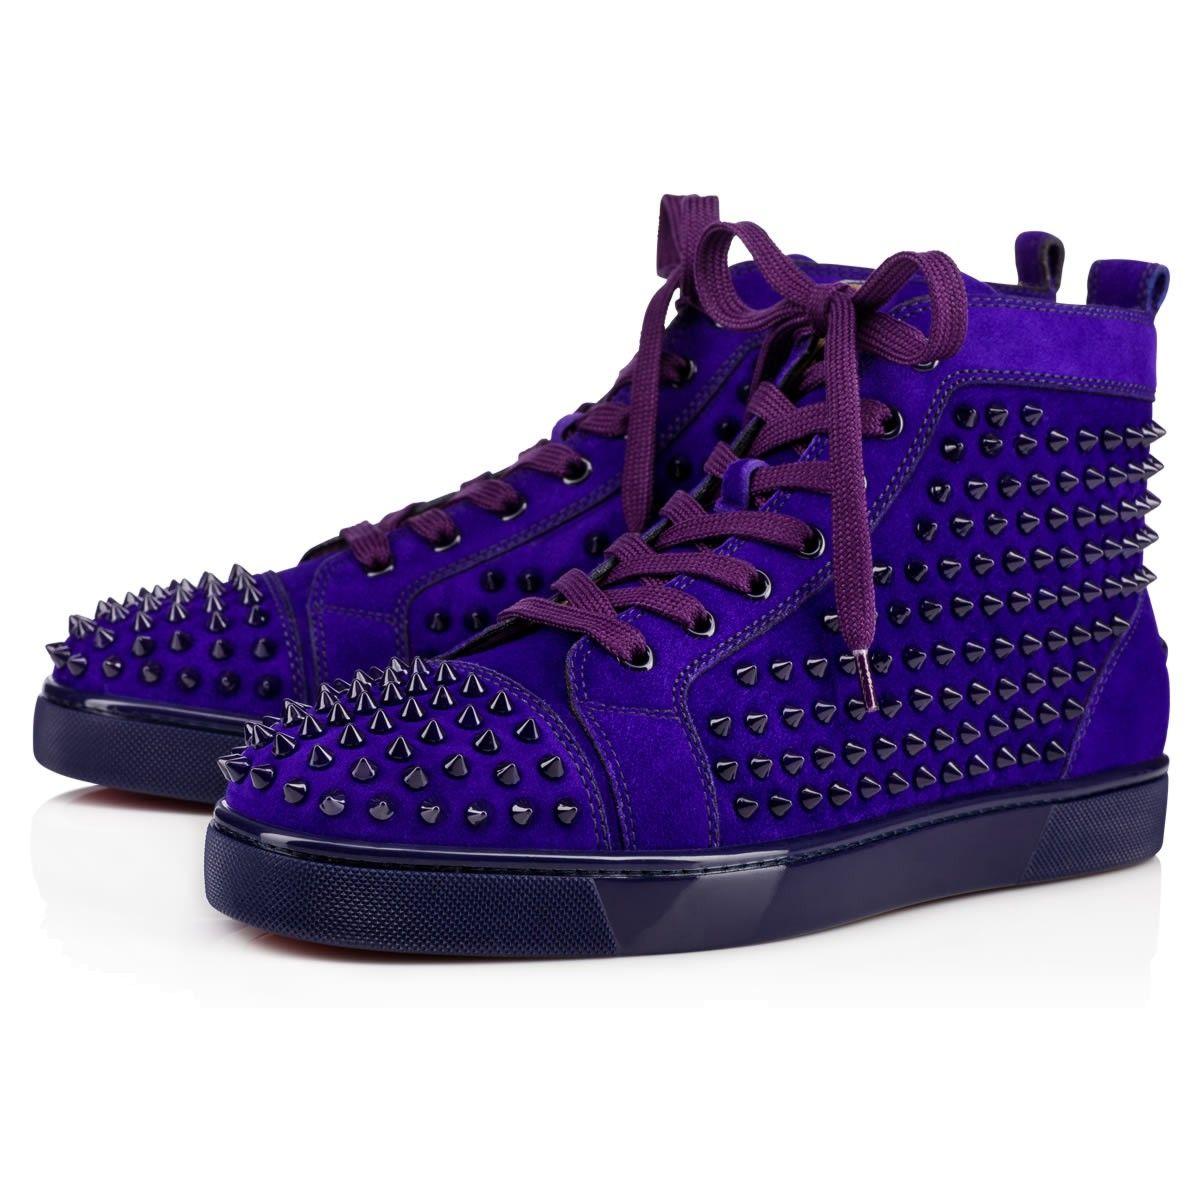 1a8c949696f CHRISTIAN LOUBOUTIN Louis Veau Velours/Spikes Purple Pop Veau ...